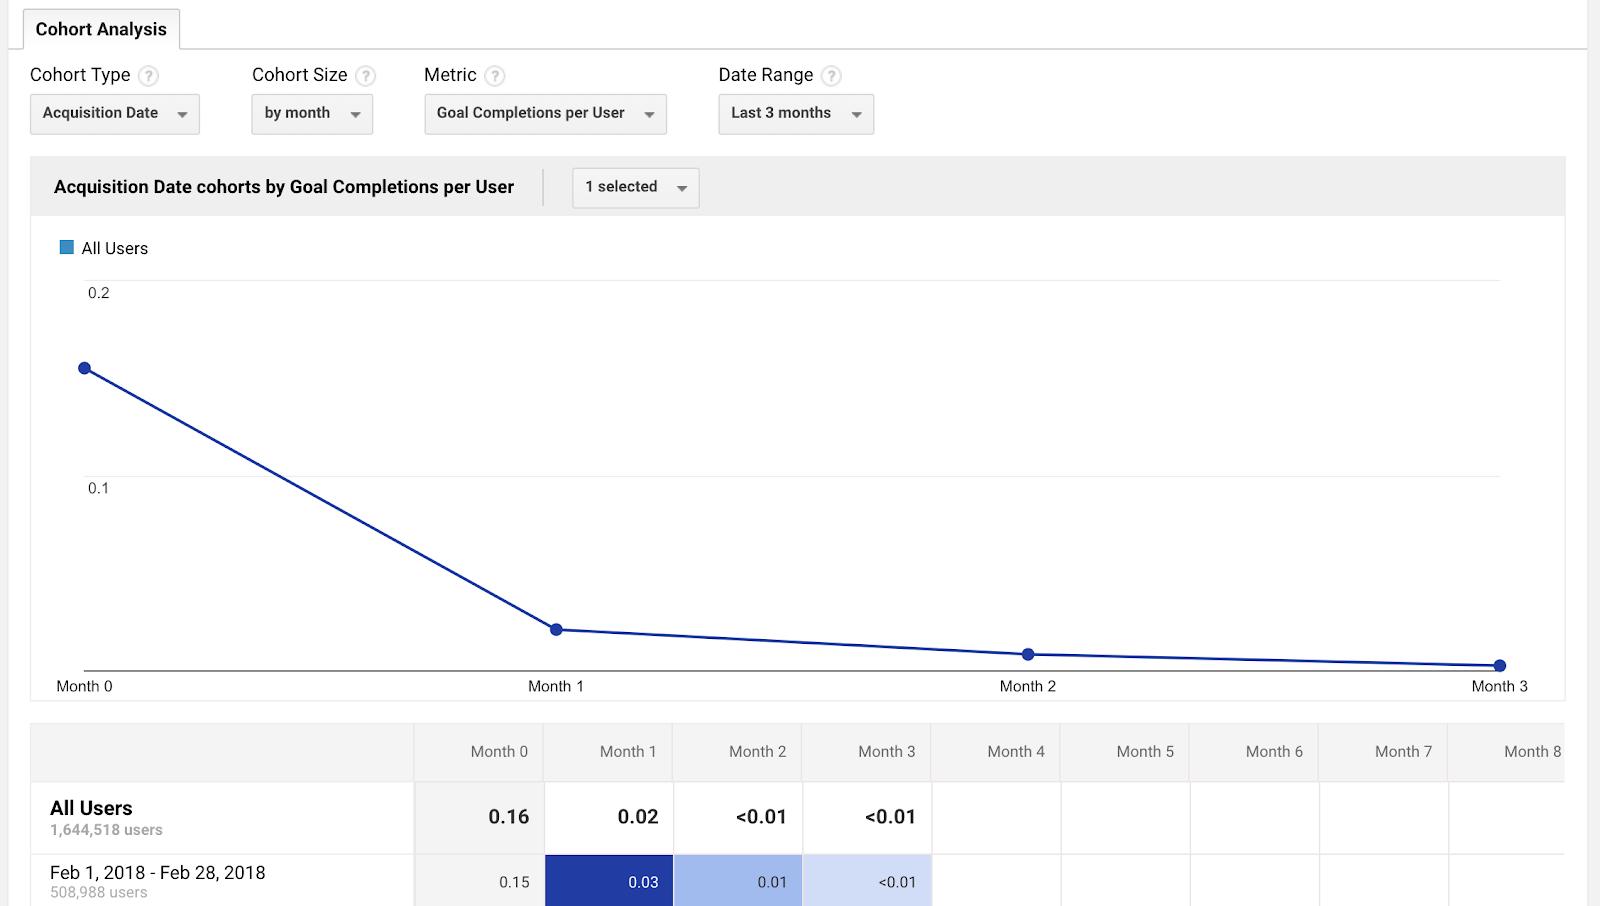 """análisis de cohorte con filtros para """"metas alcanzadas por año"""" """"class ="""" wp-image-60016 """"width ="""" 700 """"height ="""" 396 """"srcset ="""" https://neilpatel.com/wp-content/uploads / 2018 / 05 / screenshot-analytics.google.com-2018.05.10-21-19-40.png 1600w, https://neilpatel.com/wp-content/uploads/2018/05/screenshot-analytics.google. Com-2018.05 .10-21-19-40-350x198.png 350w, https://neilpatel.com/wp-content/uploads/2018/05/screenshot-analytics.google.com-2018.05.10-21-19 -40- 768x435.png 768w, https://neilpatel.com/wp-content/uploads/2018/05/screenshot-analytics.google.com-2018.05.10-21-19-40-700x396.png 700w """"tamaños ="""" ( ancho máximo: 700px) 100vw, 700px"""